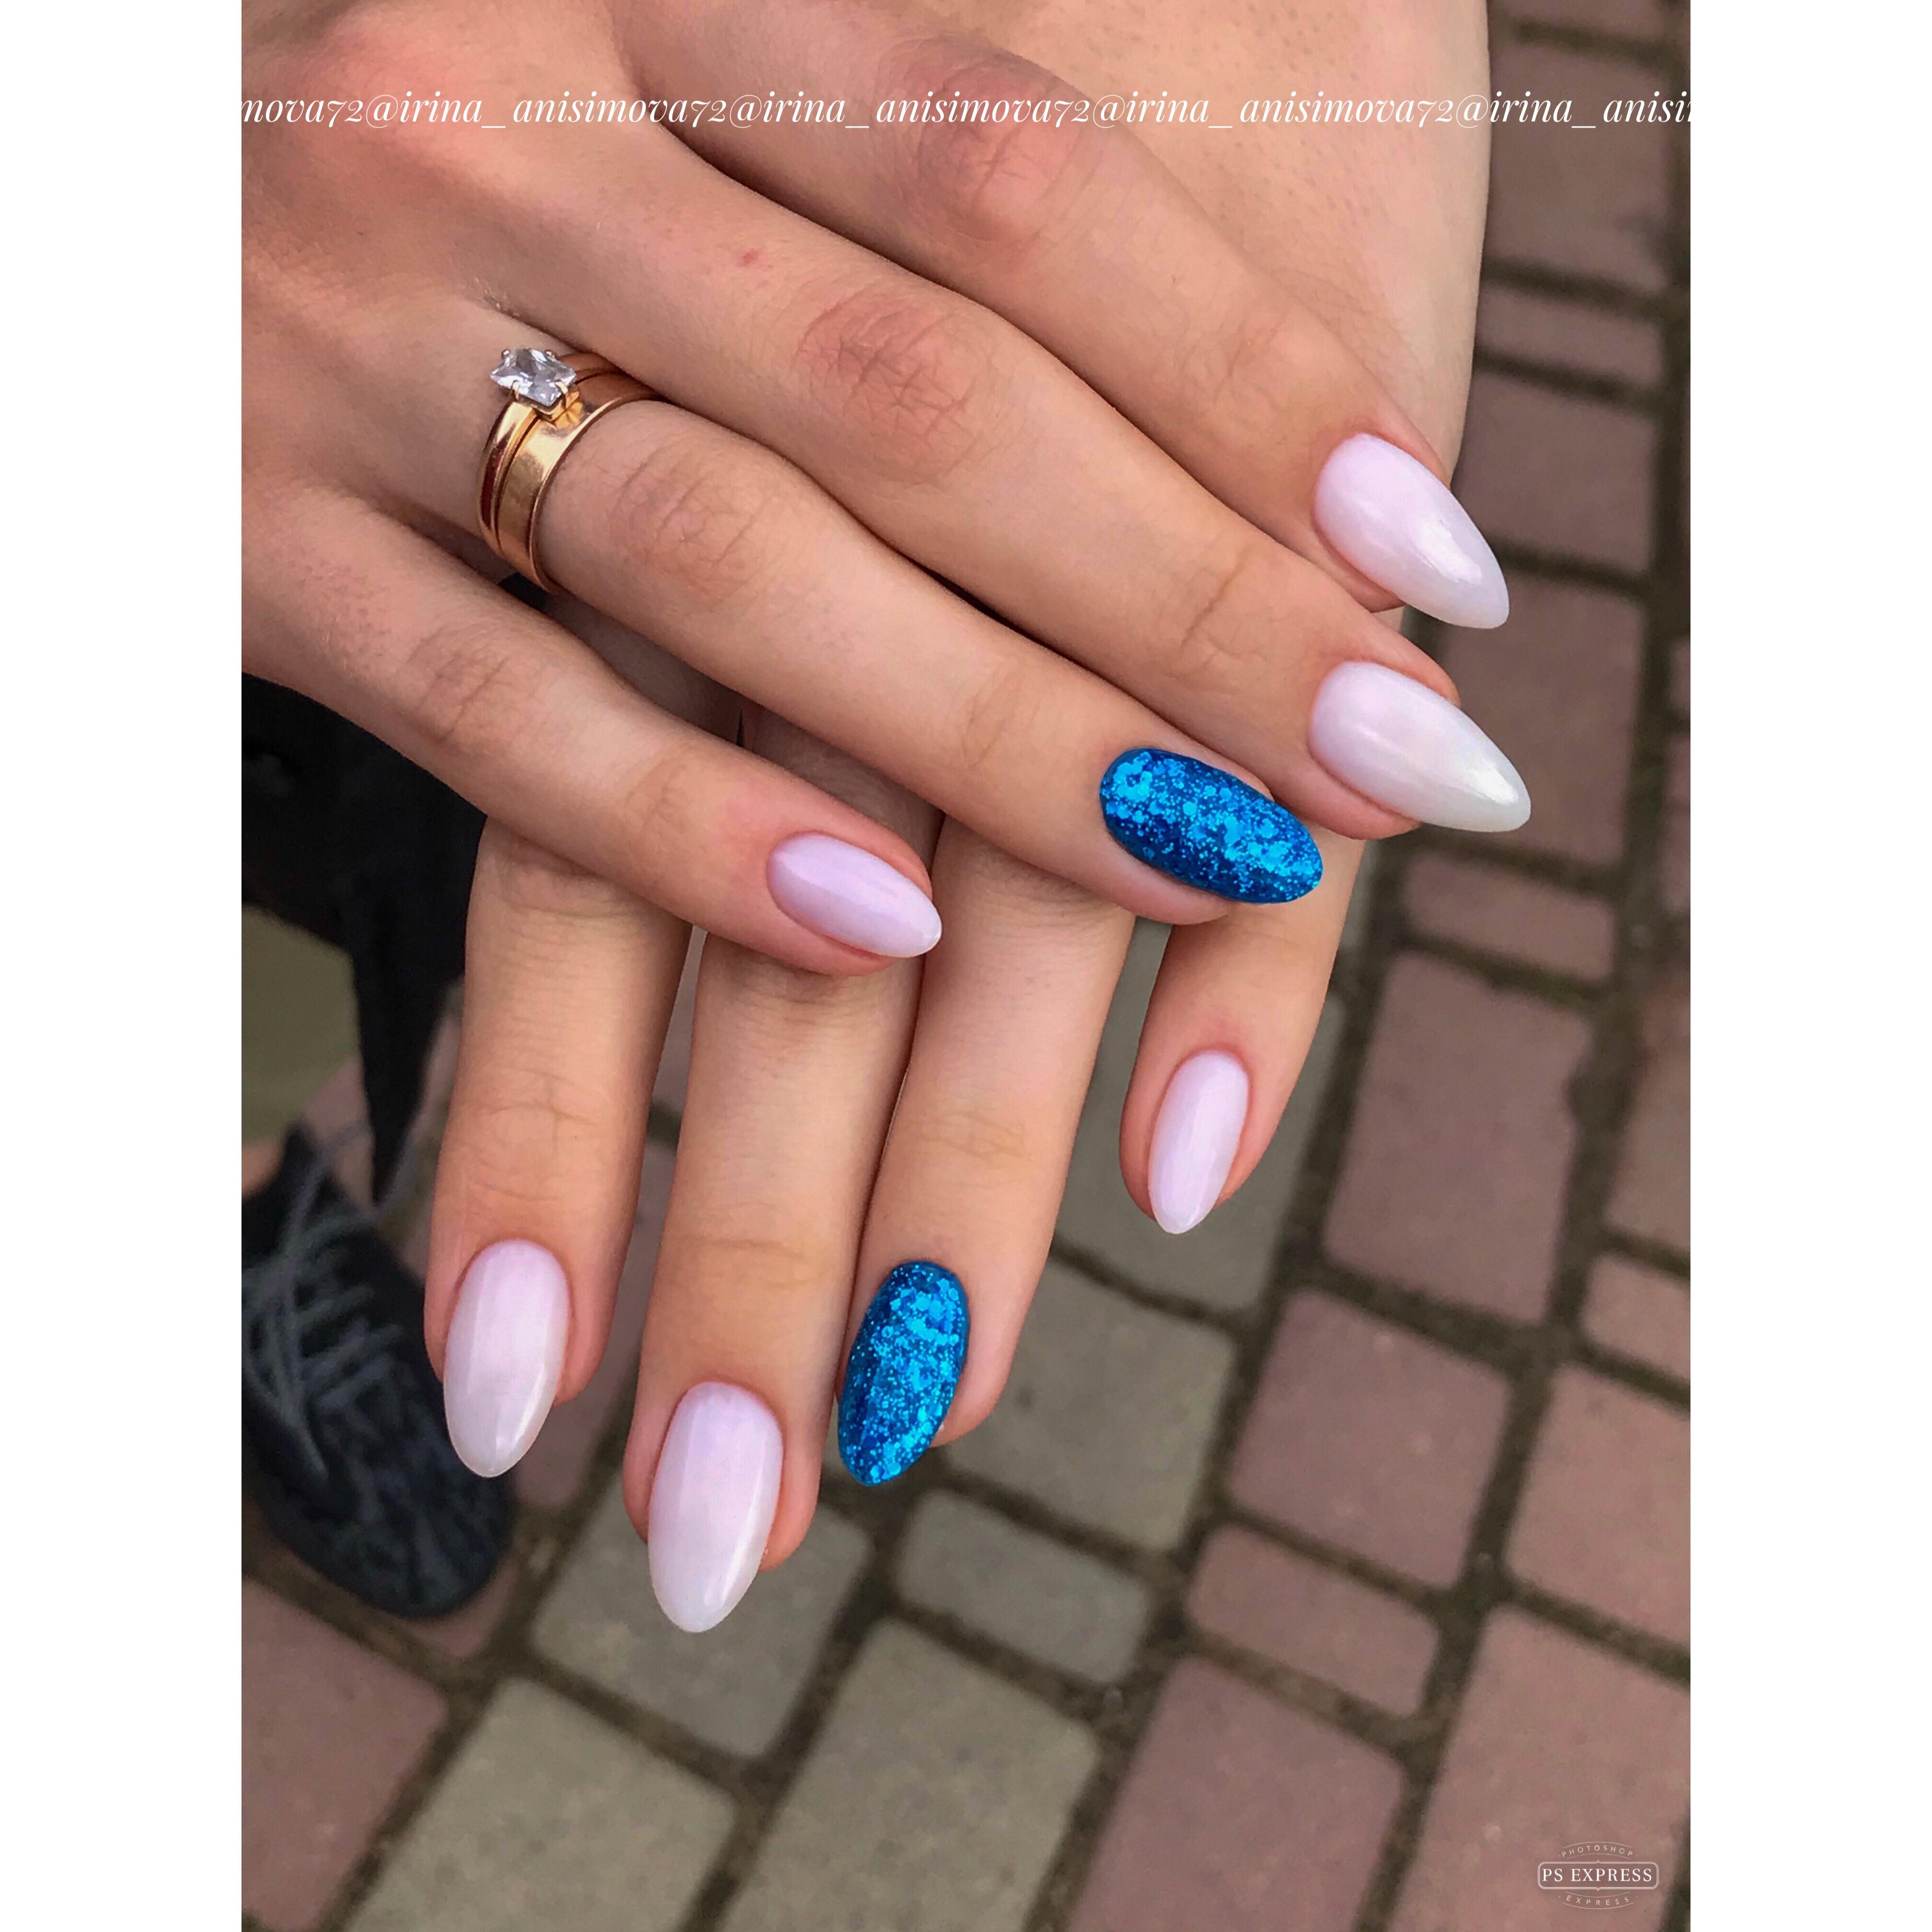 Маникюр с синими блестками в молочном цвете на длинные ногти.